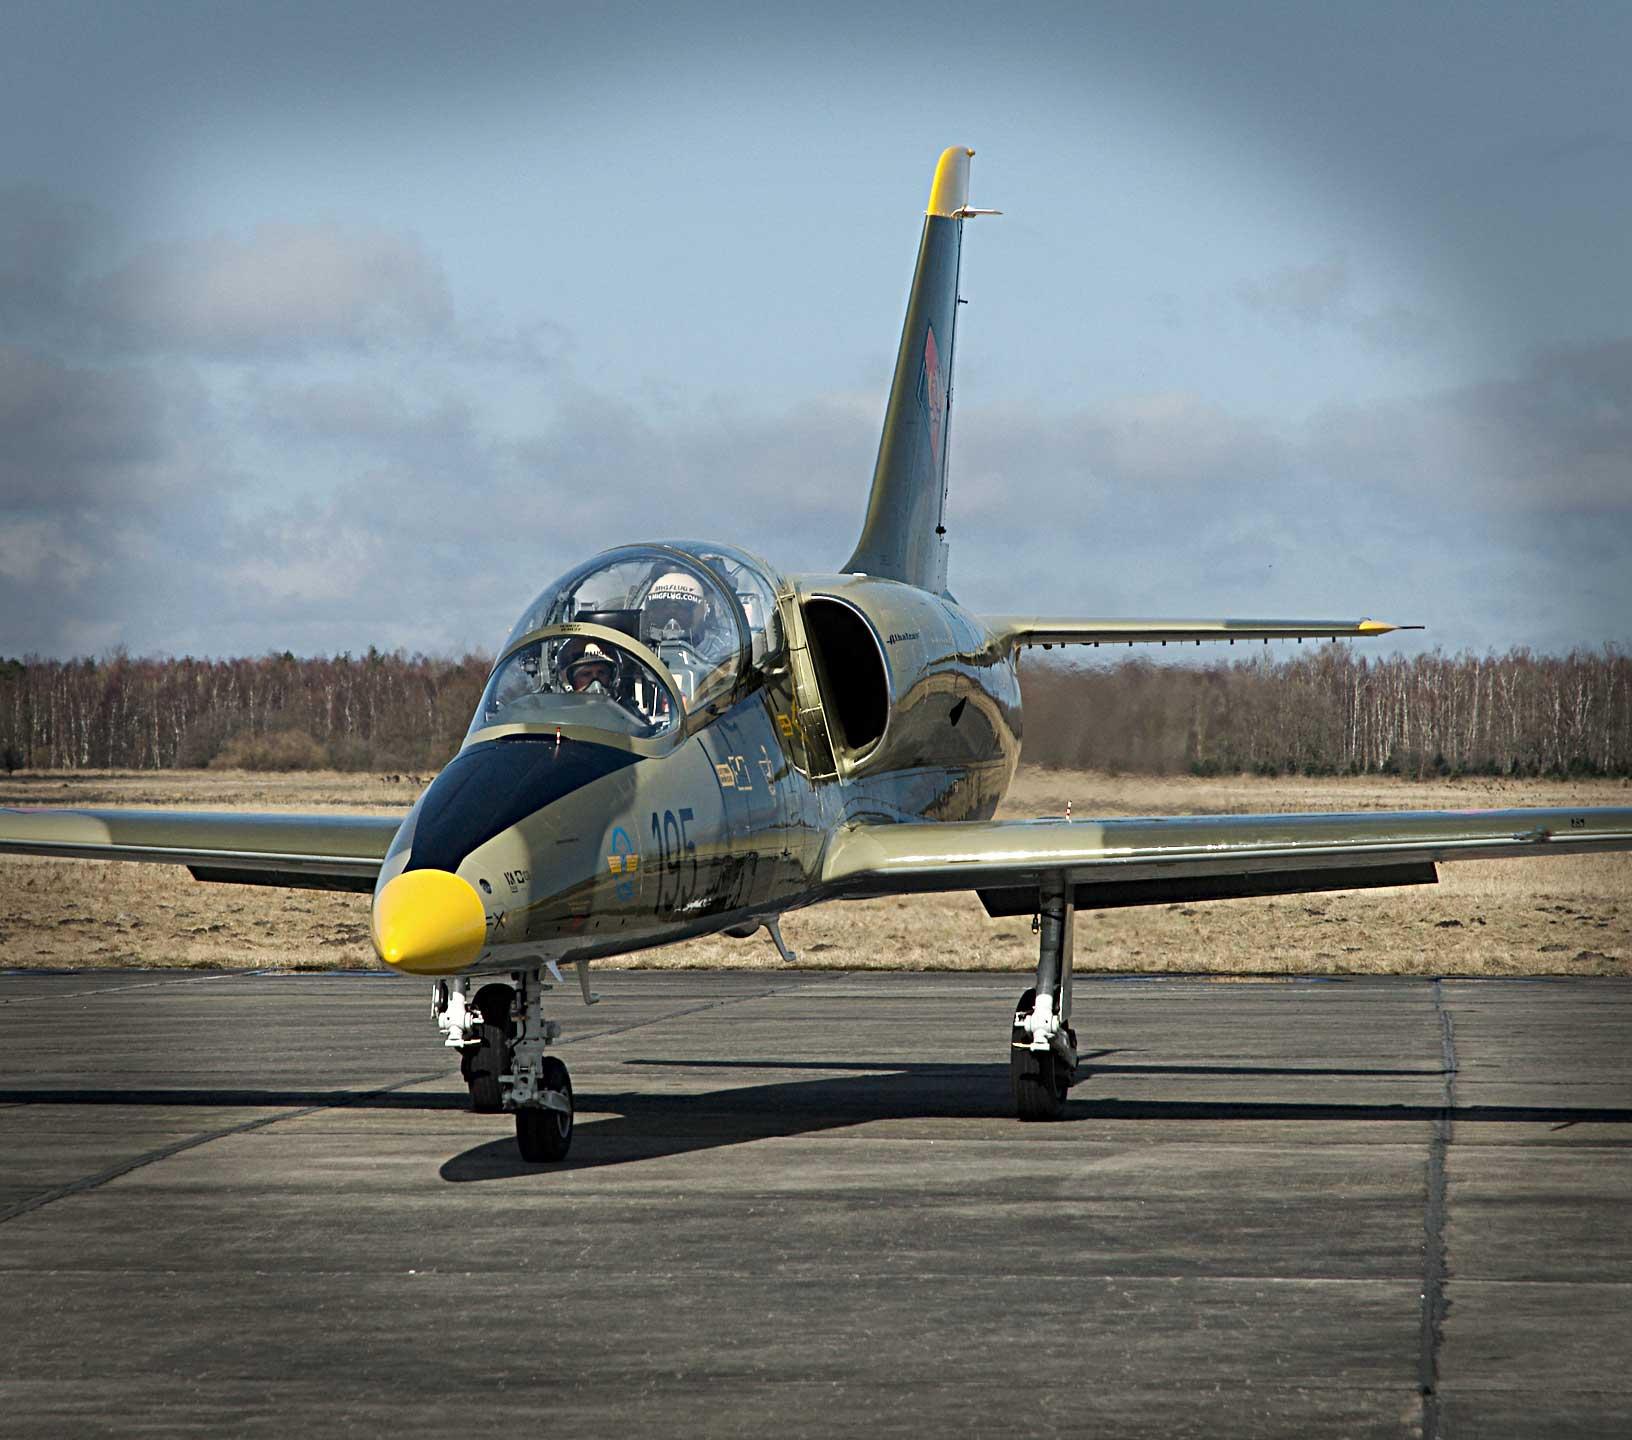 L-39 Albatros Jet Fighter Jet Ride Along in the L-39 Albatros